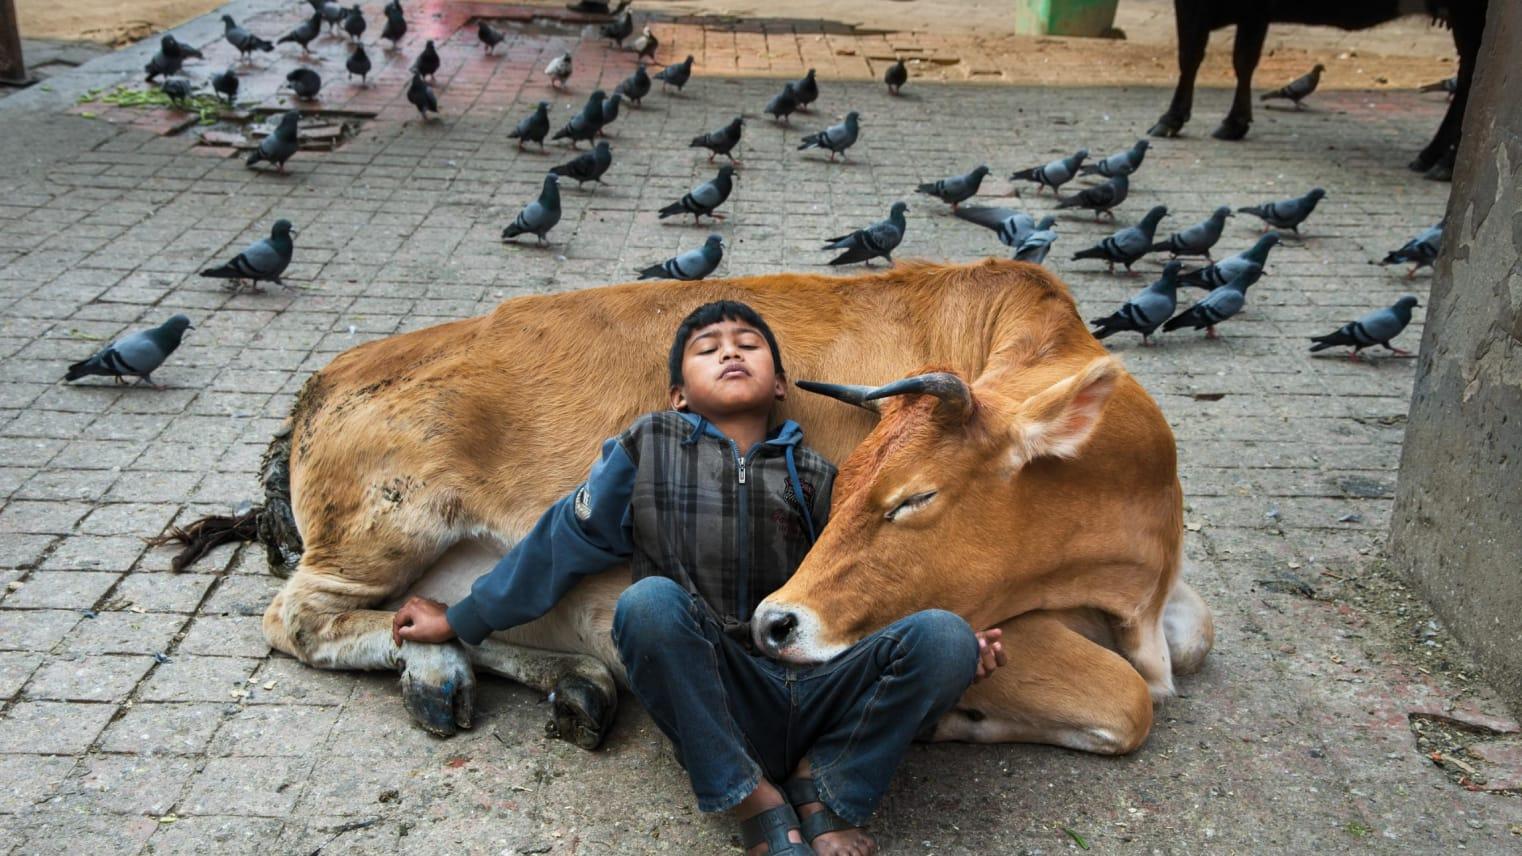 من حرب الخليج الأولى إلى راهب في كمبوديا.. مصور يلتقط العلاقة بين الإنسان والحيوان